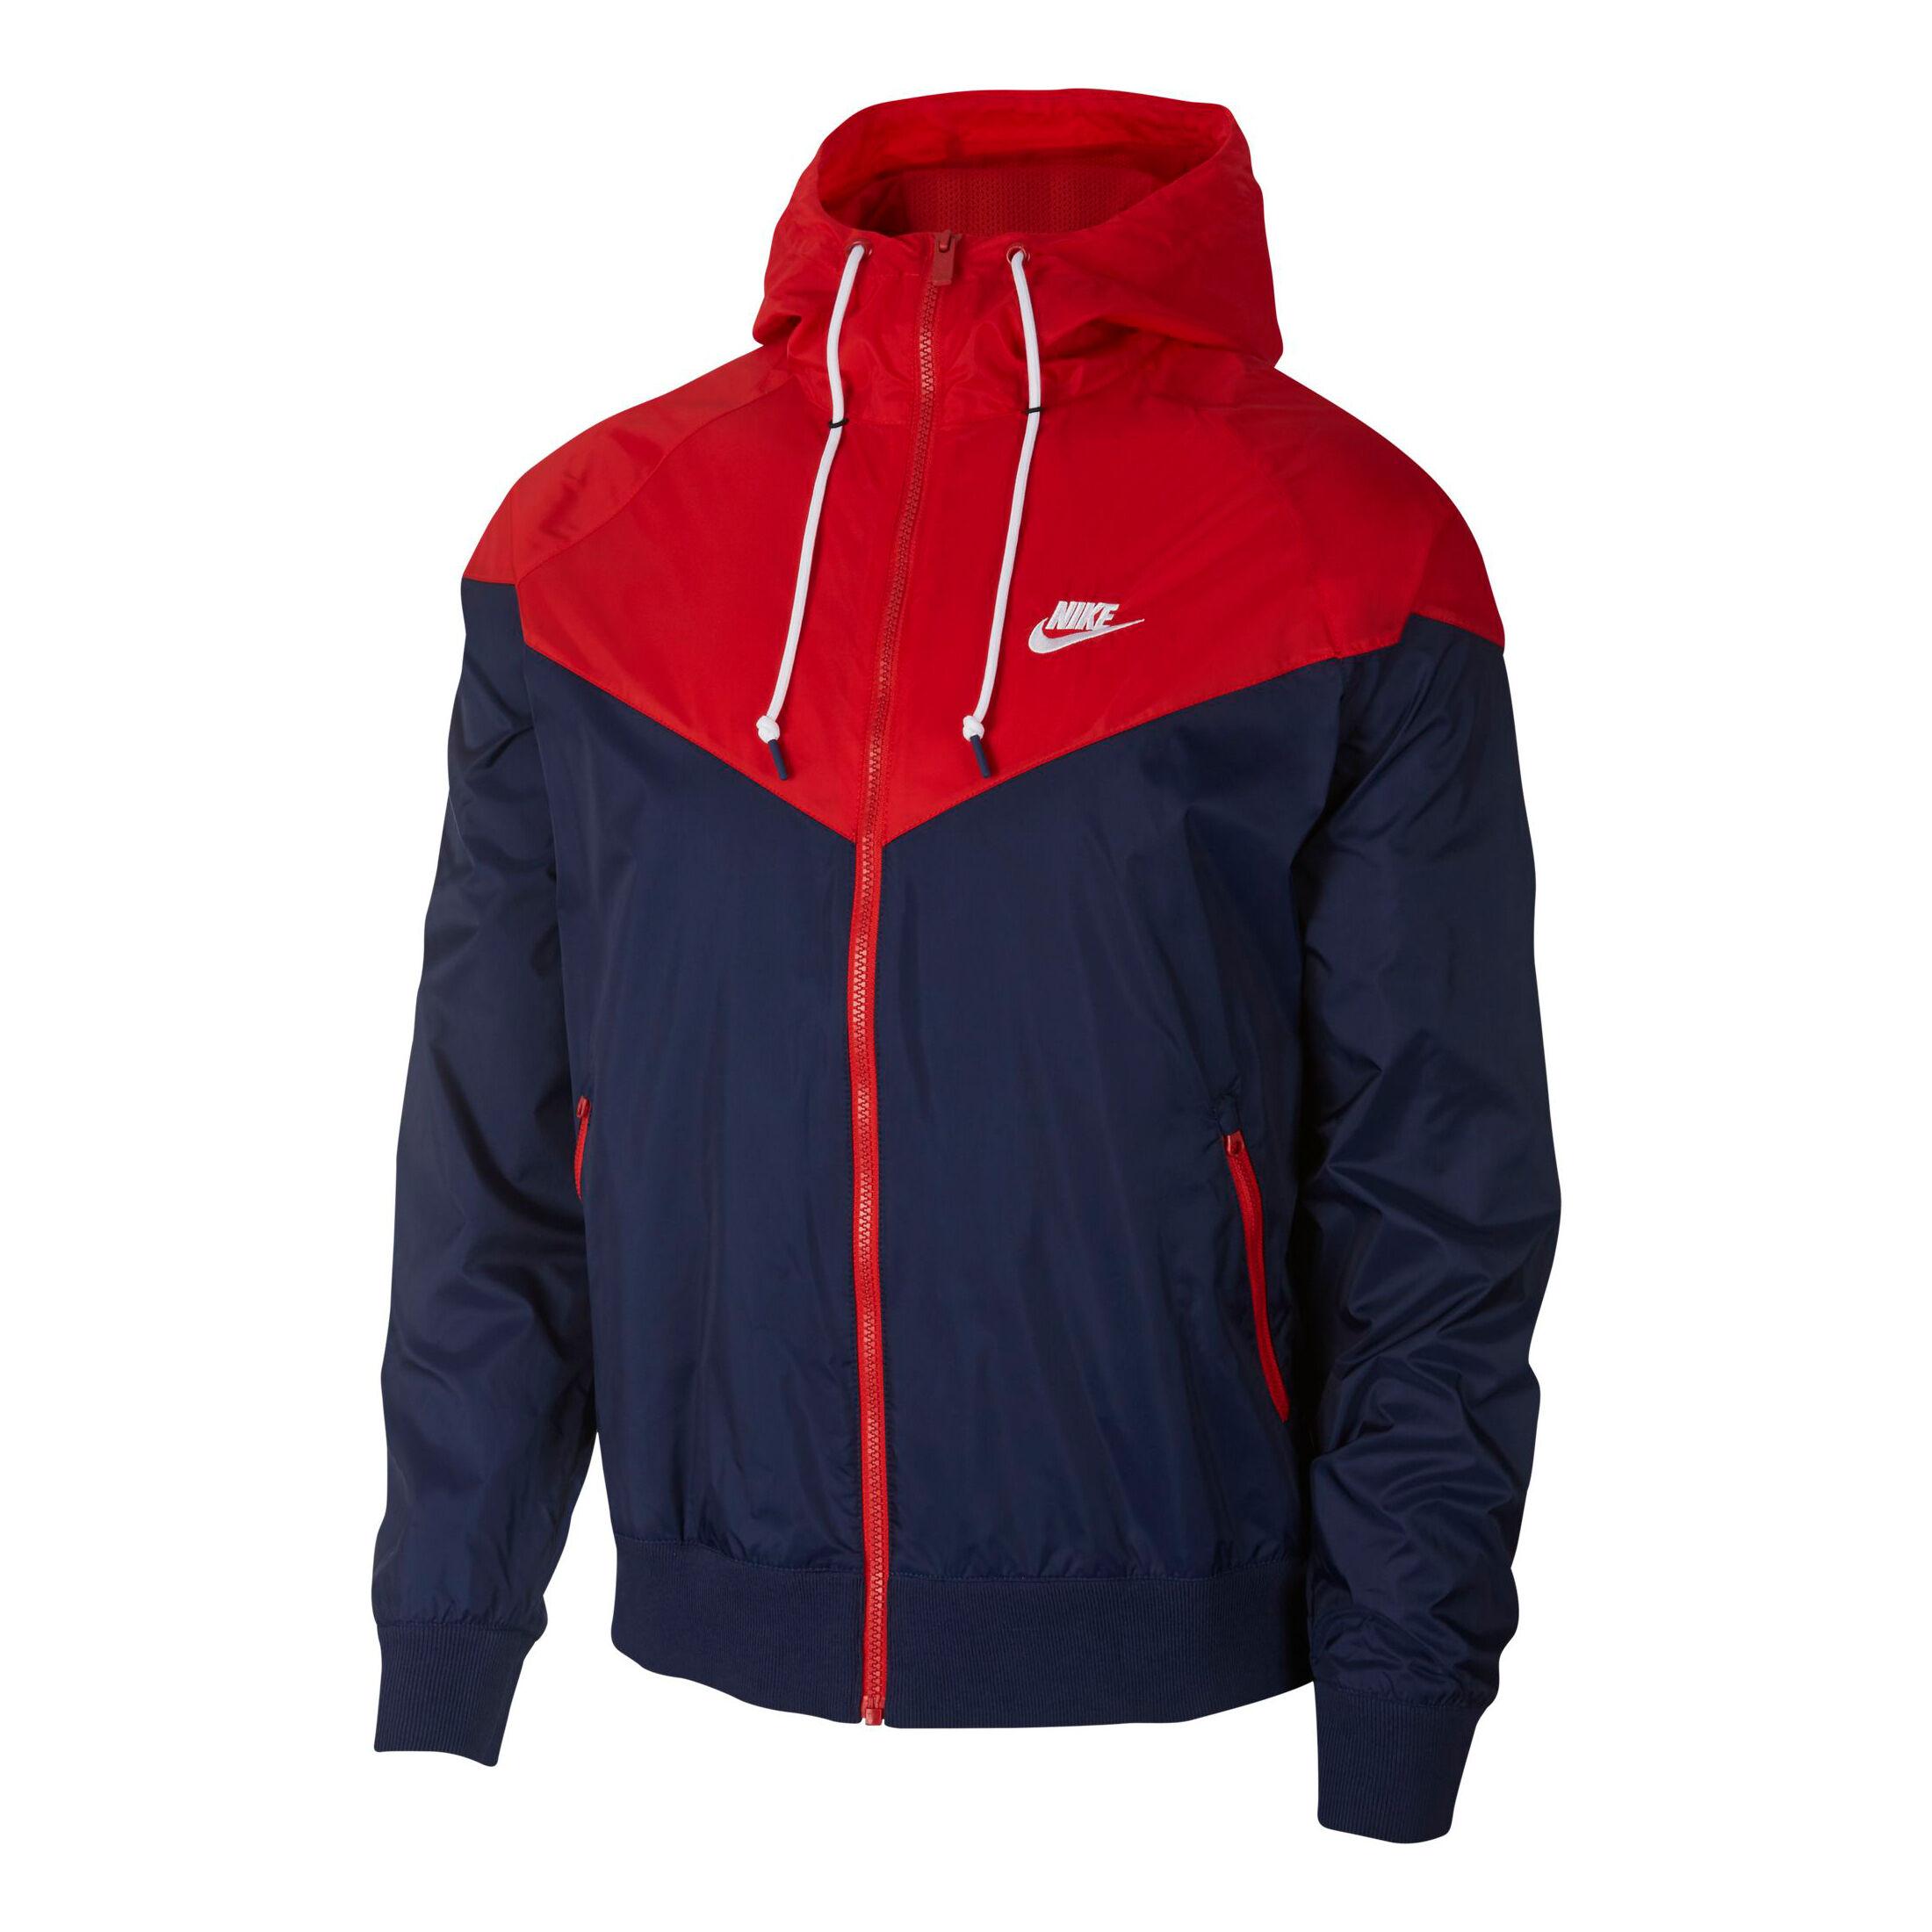 NIKE Sportswear Windrunner für NUR 50,36€ statt 89,95€